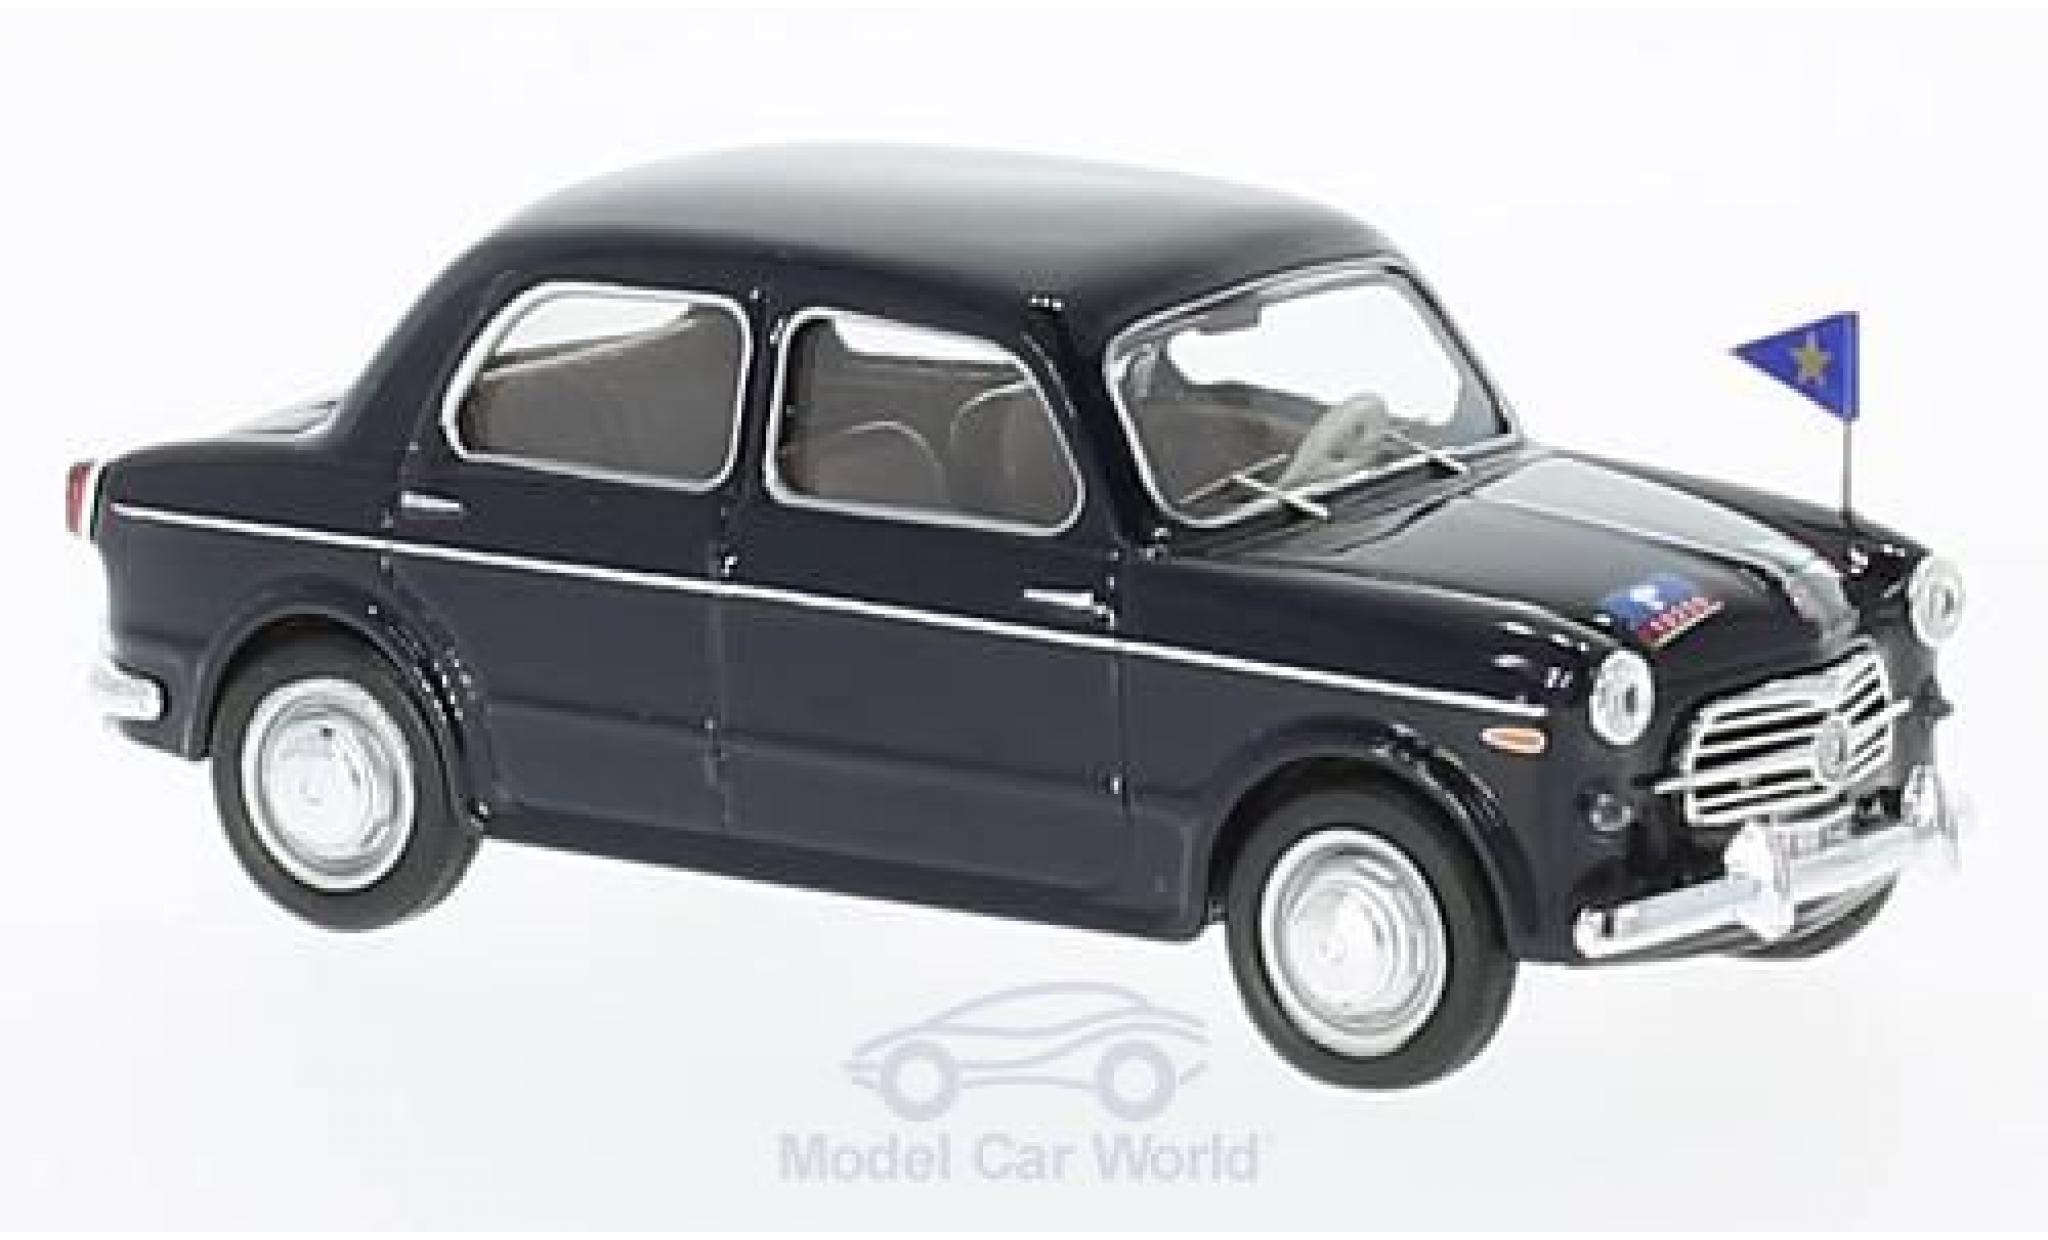 Fiat 1100 1/43 Rio /103 E negro Carabinieri Serv. Ufficiali 1953